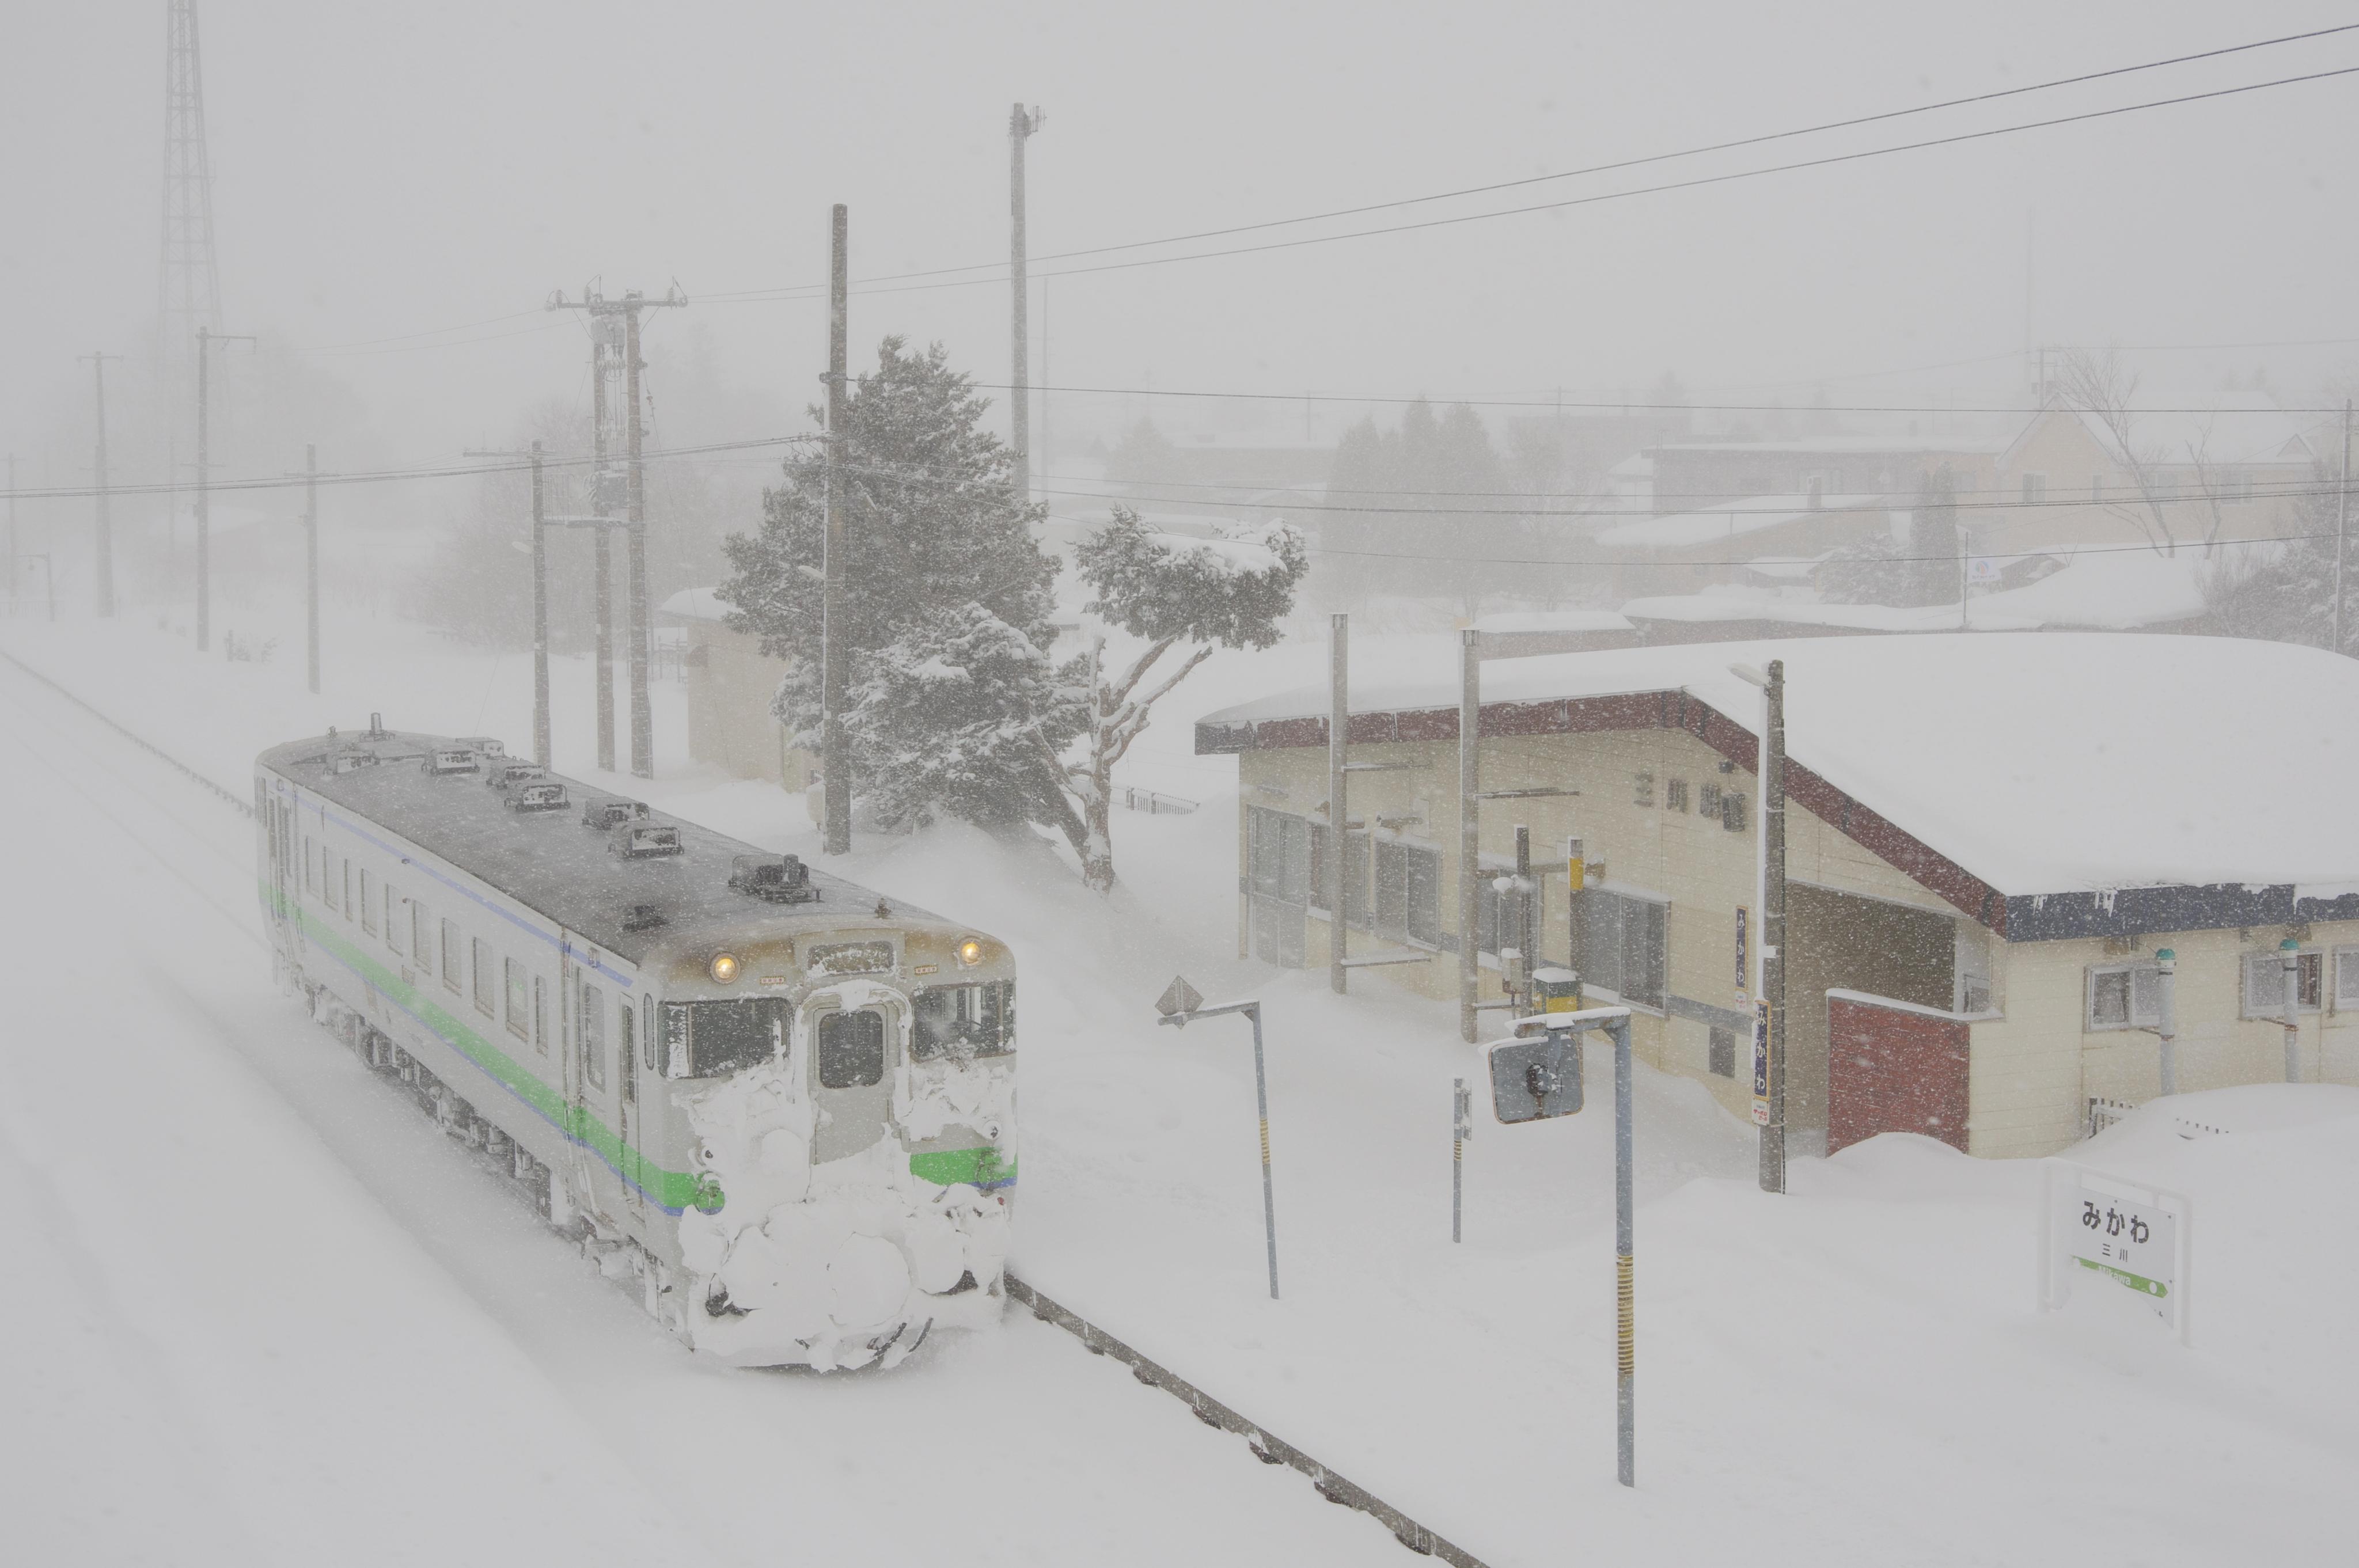 キハ40 1466D 三川駅_190202.jpg